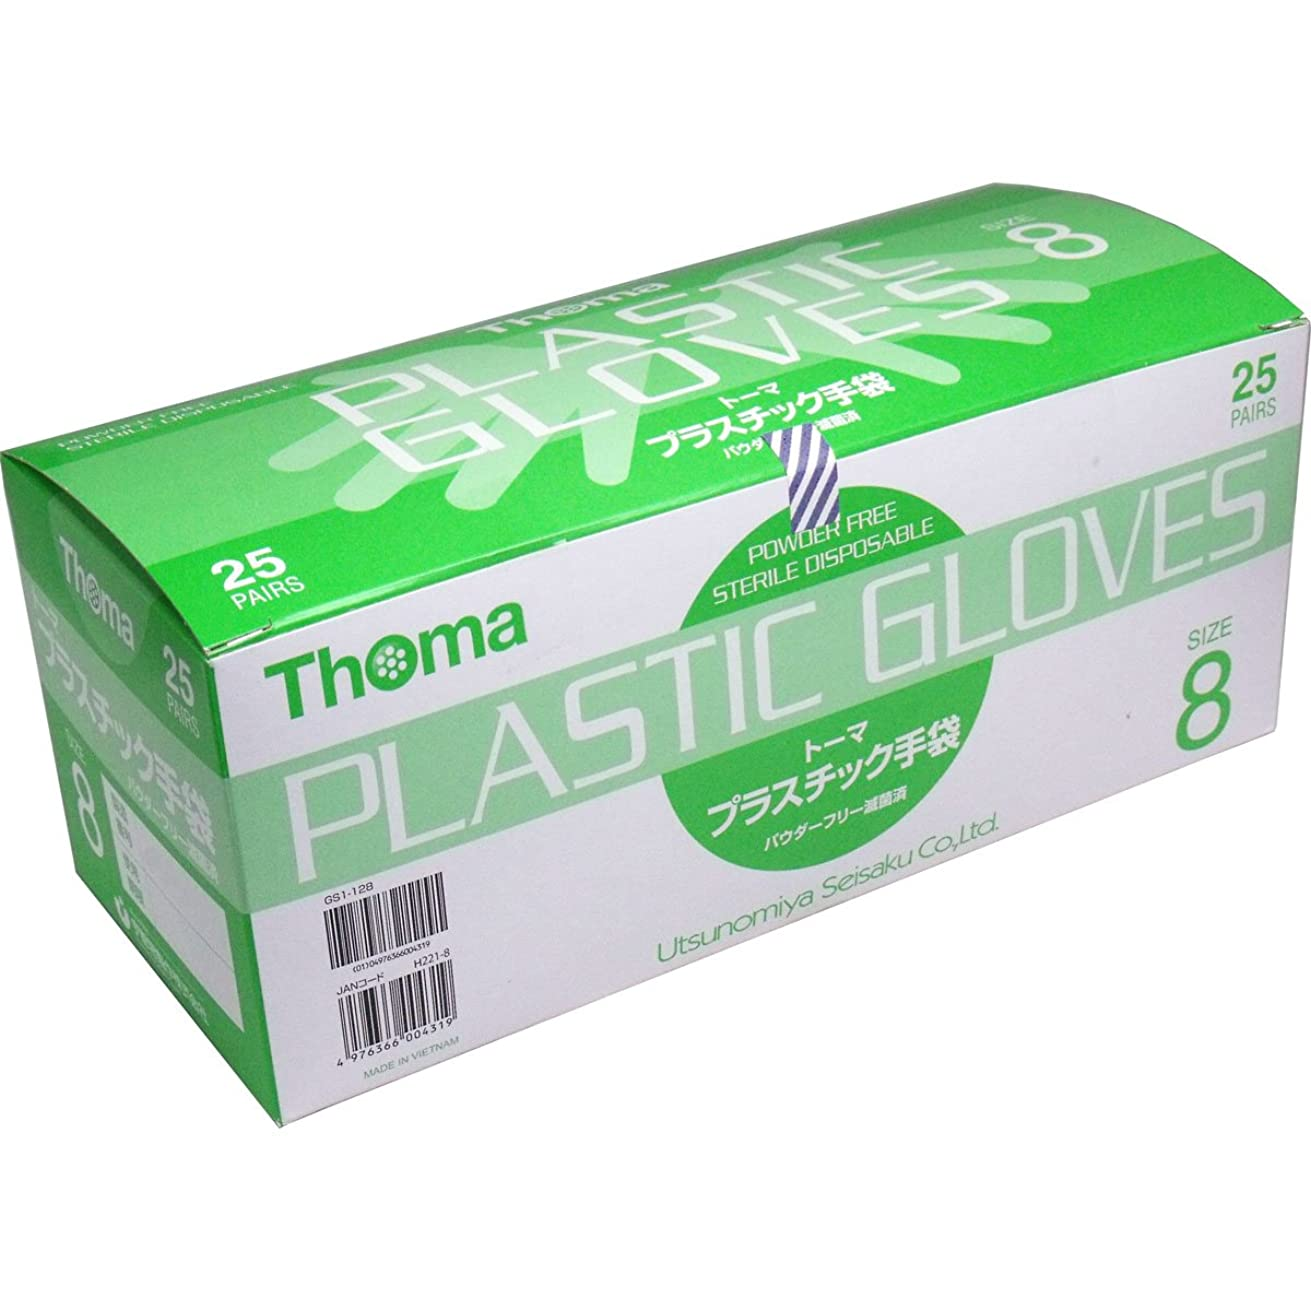 気難しいドック評判ポリ塩化ビニル製 手袋 1双毎に滅菌包装、衛生的 人気商品 トーマ プラスチック手袋 パウダーフリー滅菌済 25双入 サイズ8